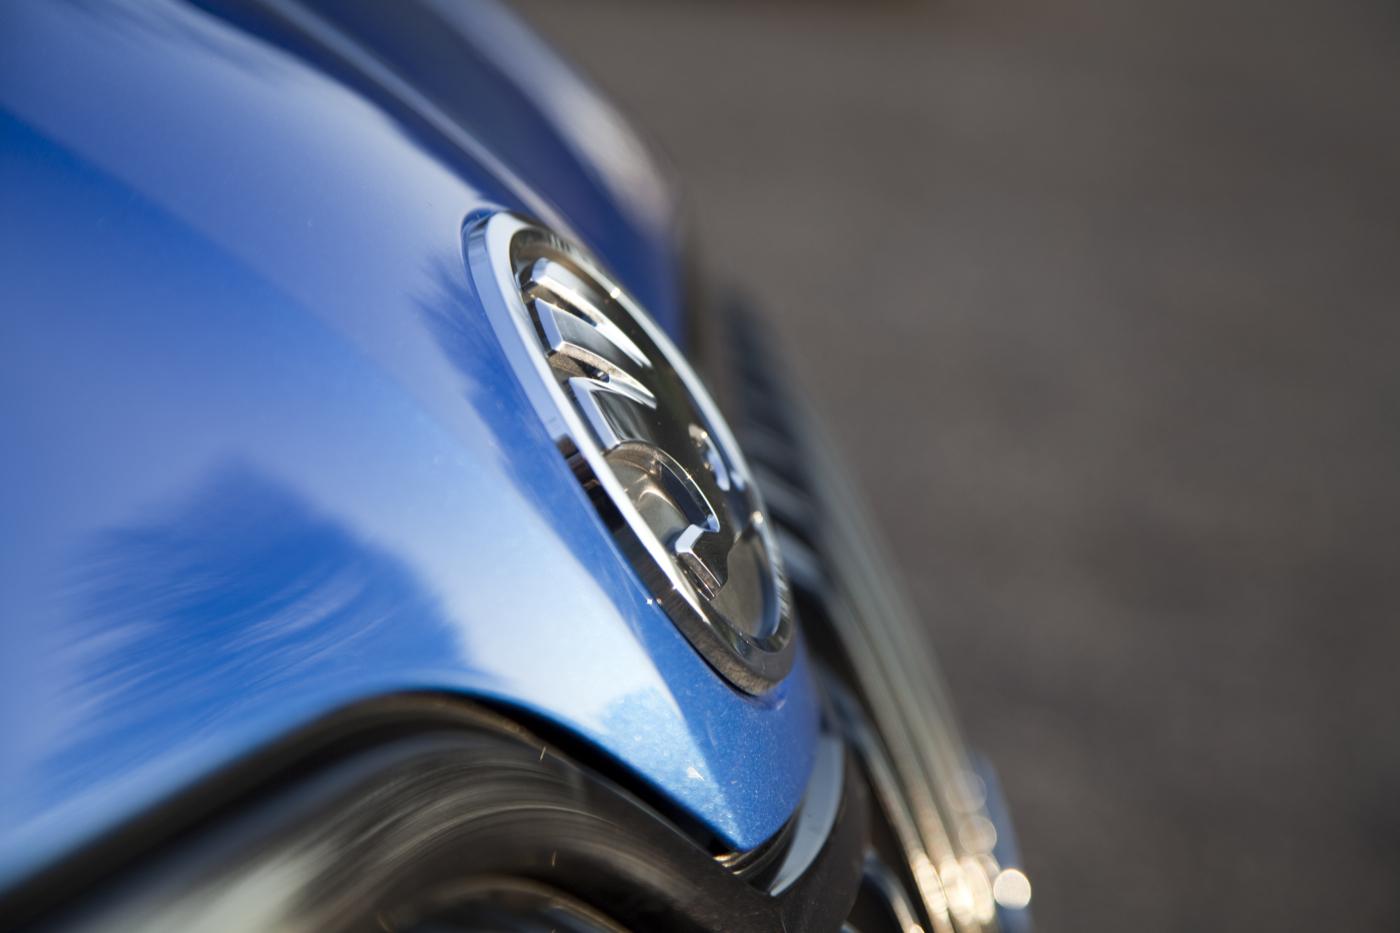 Skoda Octavia Combi RS - Emblem Foto: Thomas Blachetzki